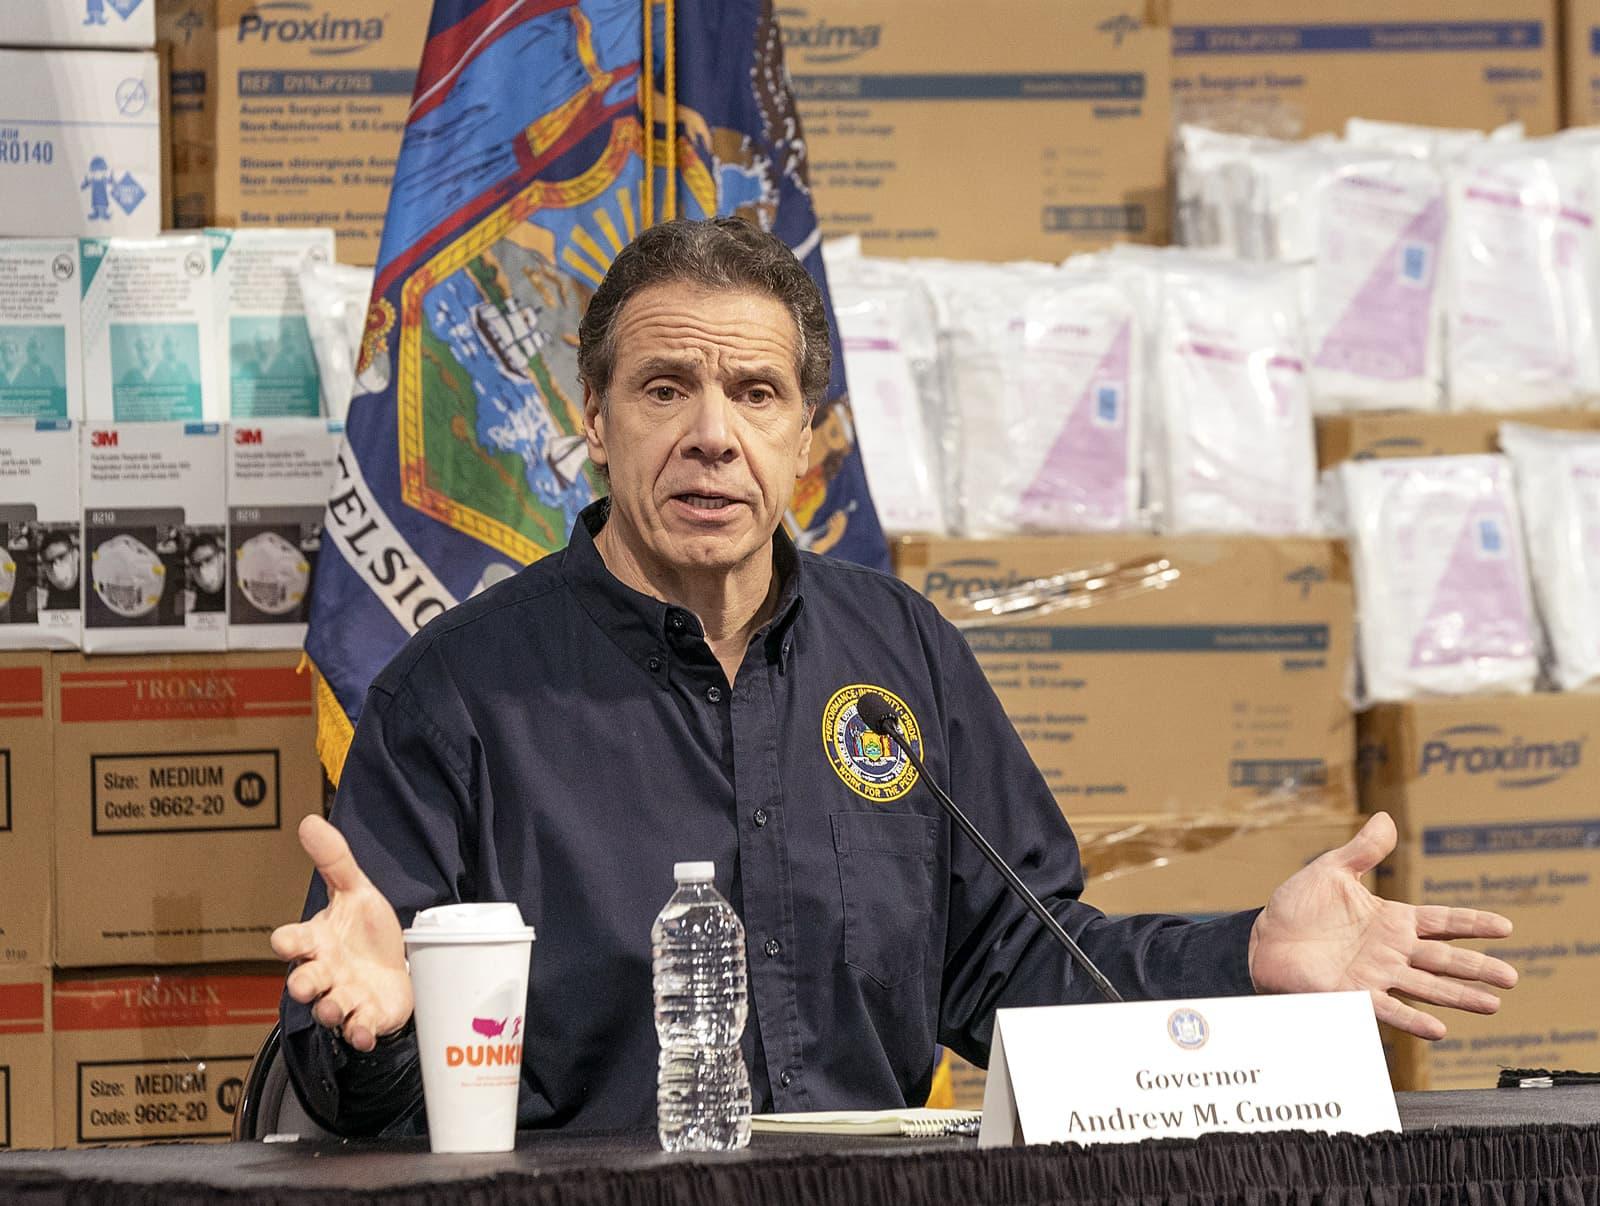 El governador de Nova York Andrew Cuomo en una conferència de premsa, durant la crisi del coronavirus, amb caixes de subministraments mèdics al darrere. Fotografia de Lev Radin Pacific Press Zuma Wire